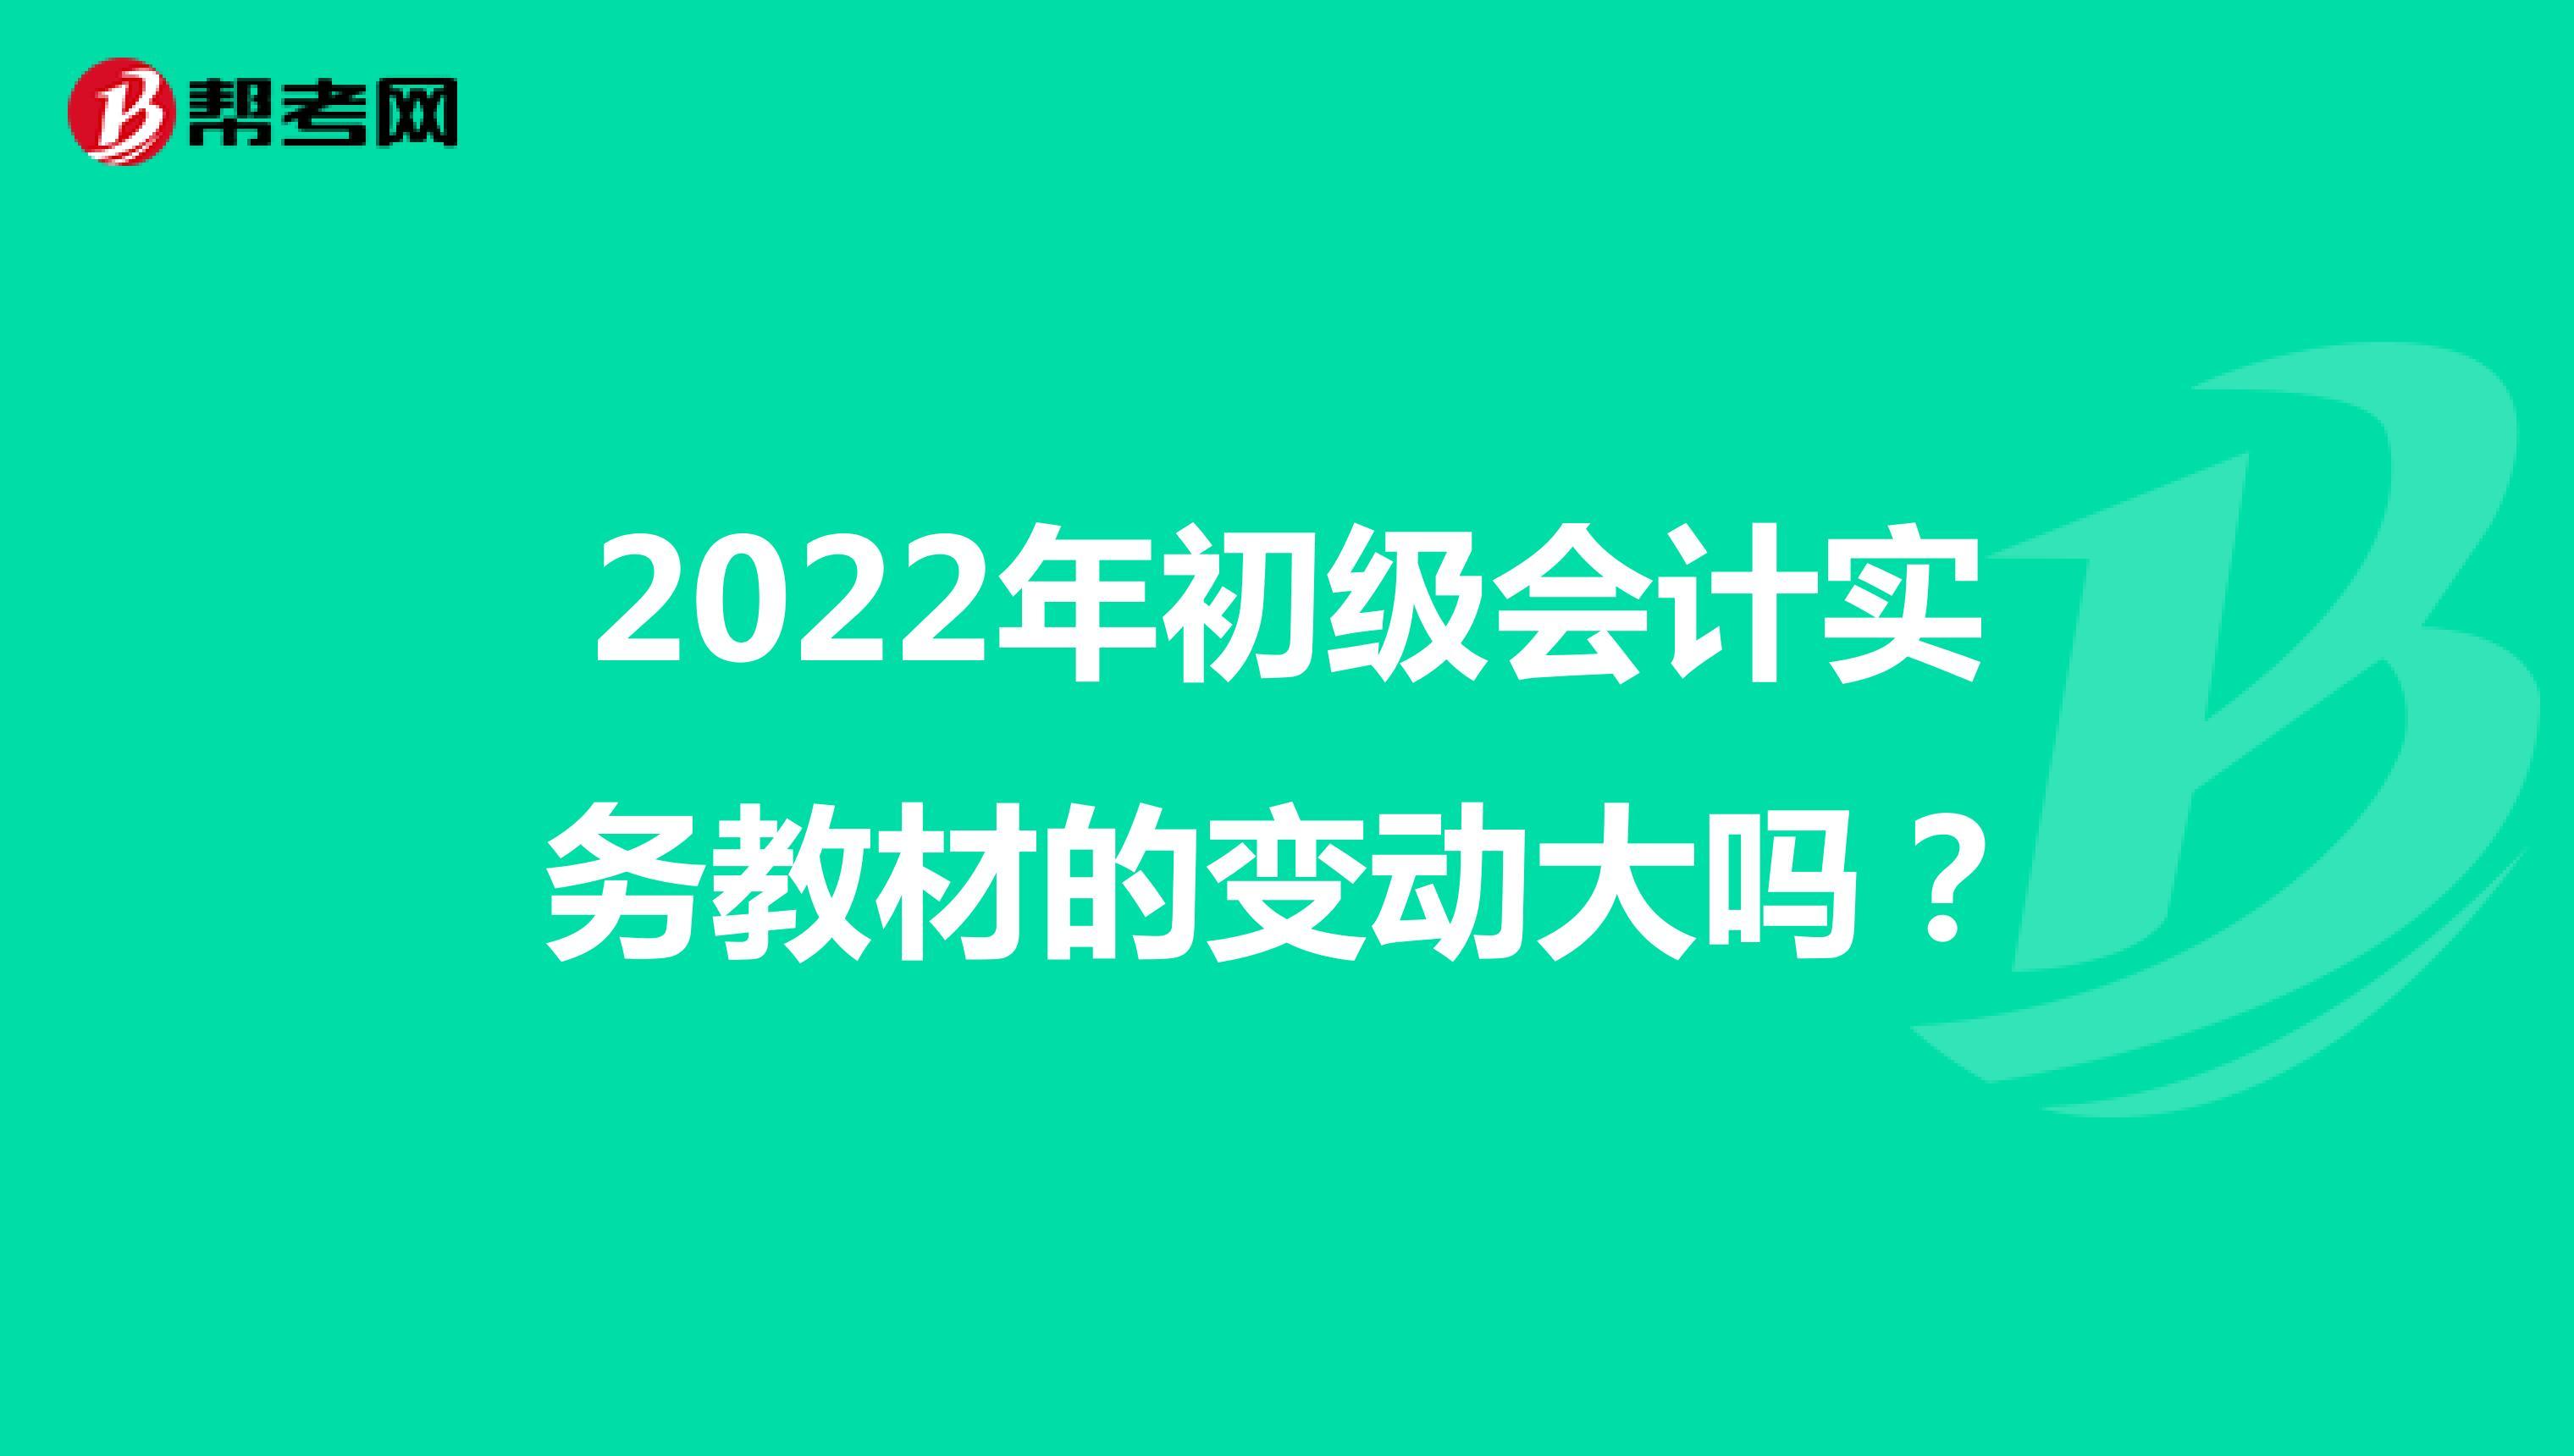 2022年初级会计实务教材的变动大吗?